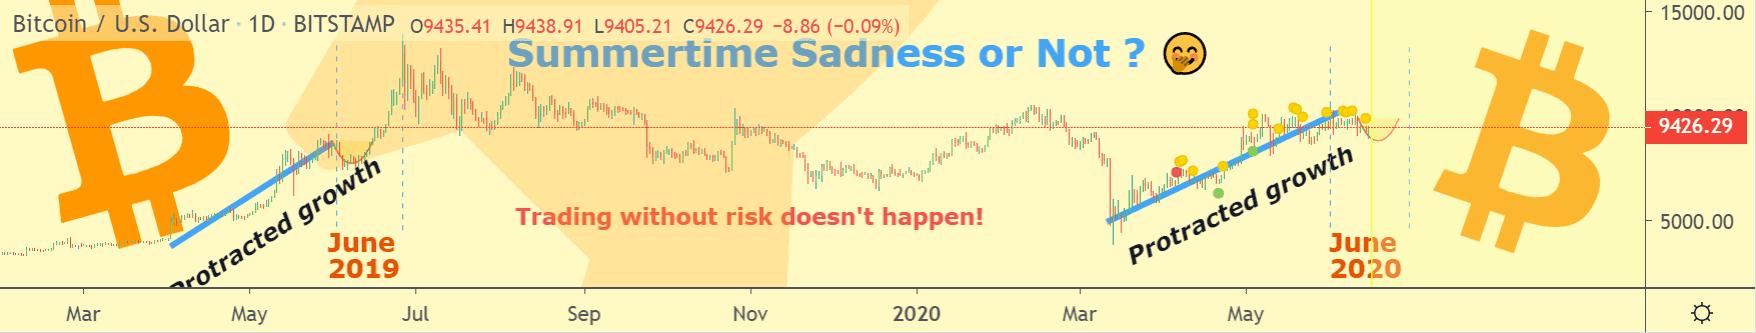 Bitcoin price chart 3 - 15 June